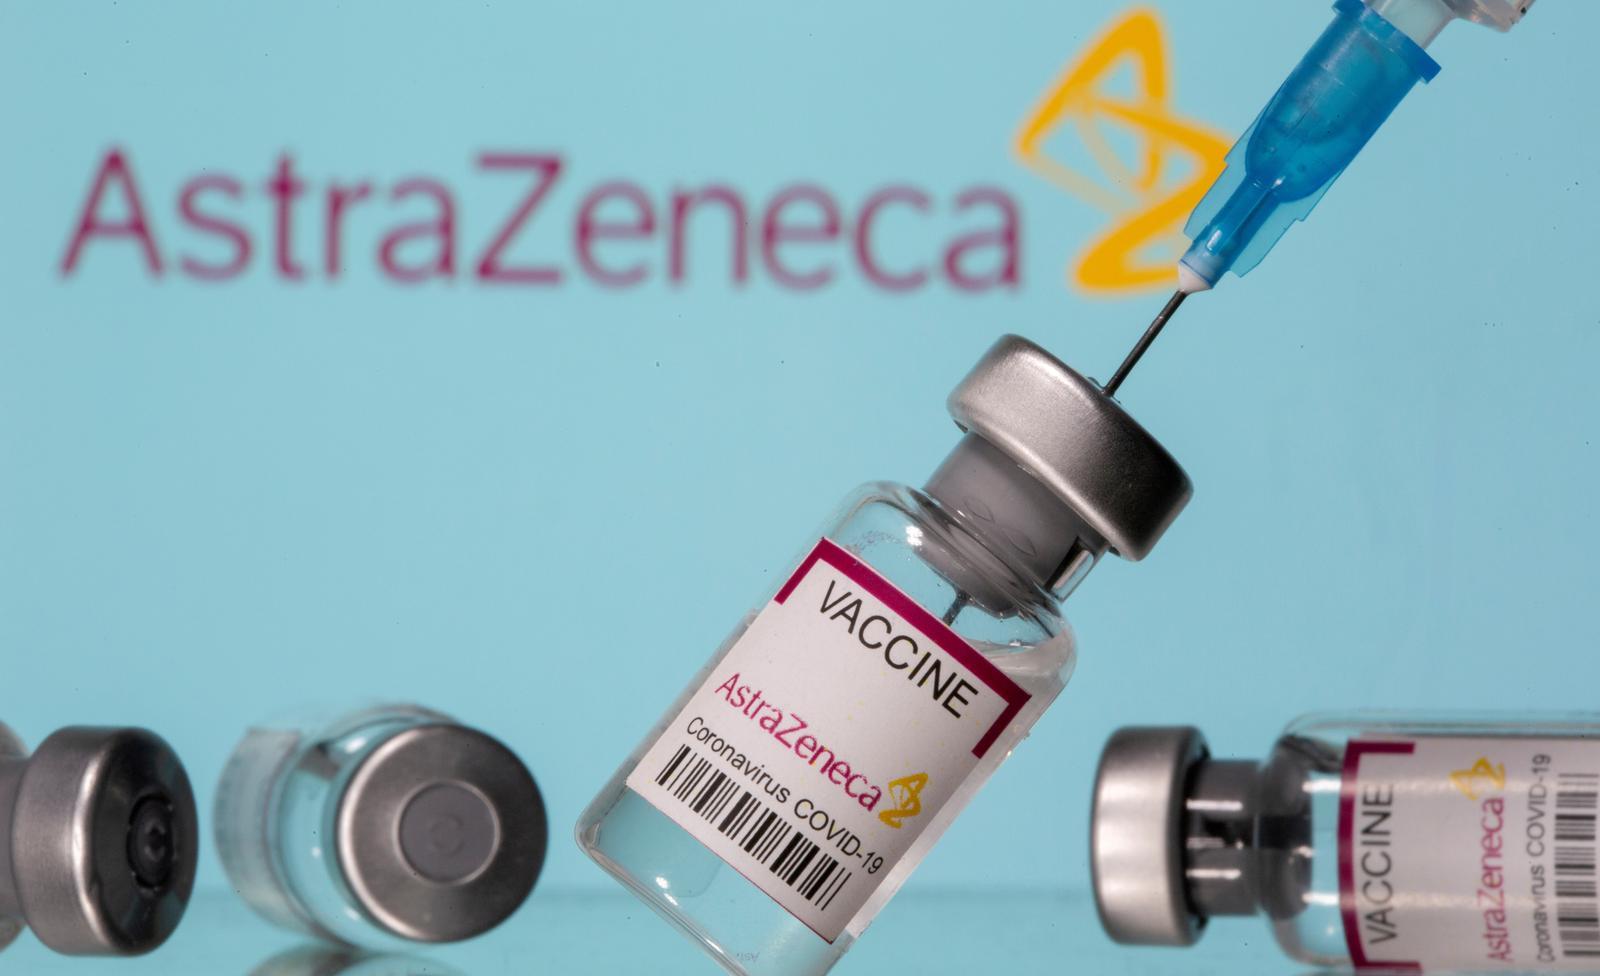 AstraZeneca vaccine safe and effective in U.S., Chile, Peru trials